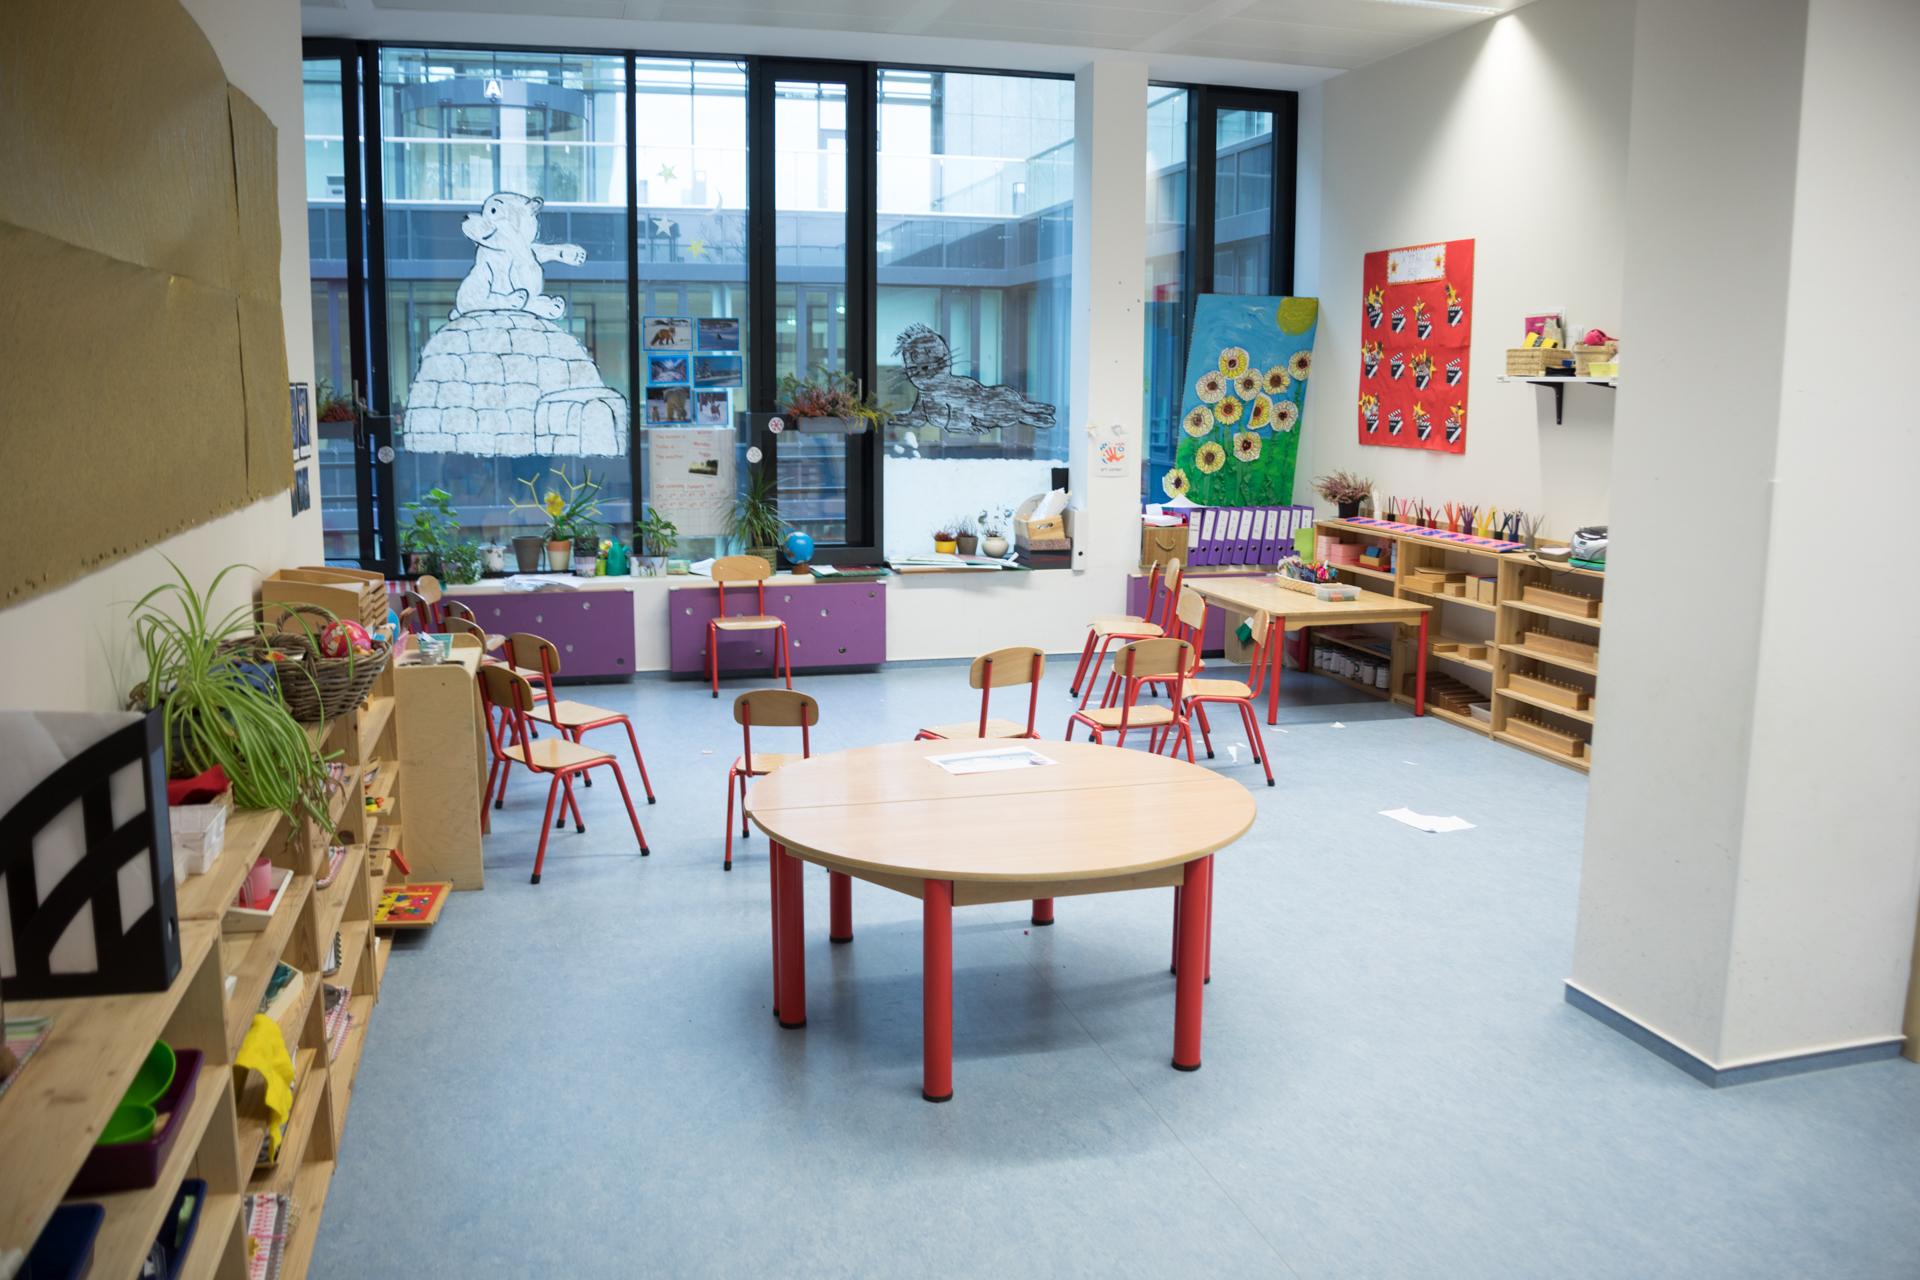 sunflower montessori crèche Luxembourg eagle classroom